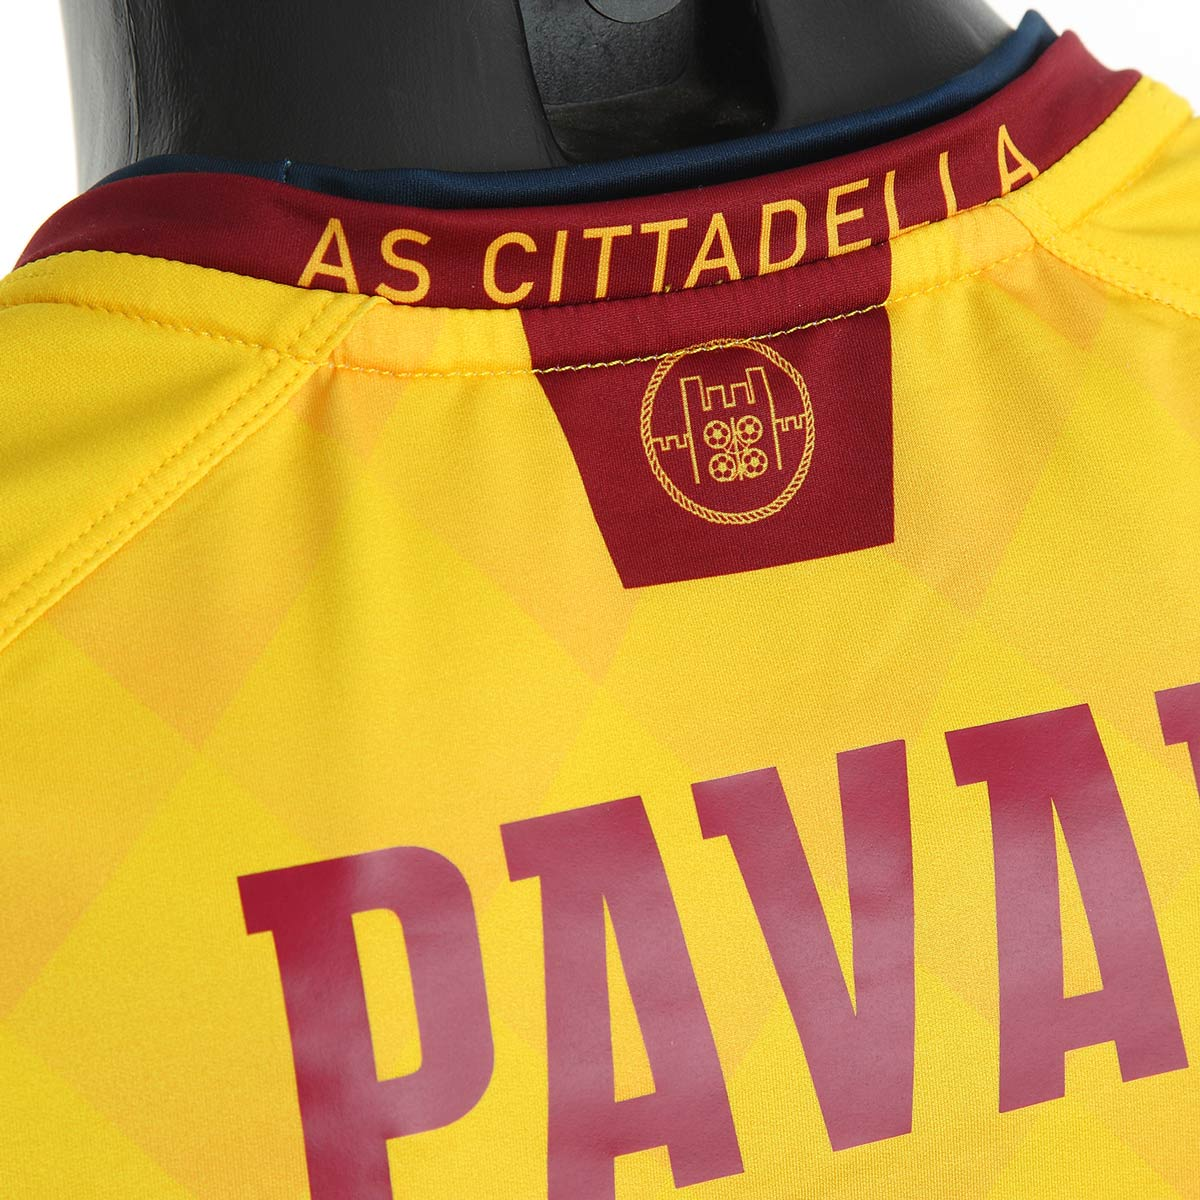 Retro seconda maglia Cittadella con il logo